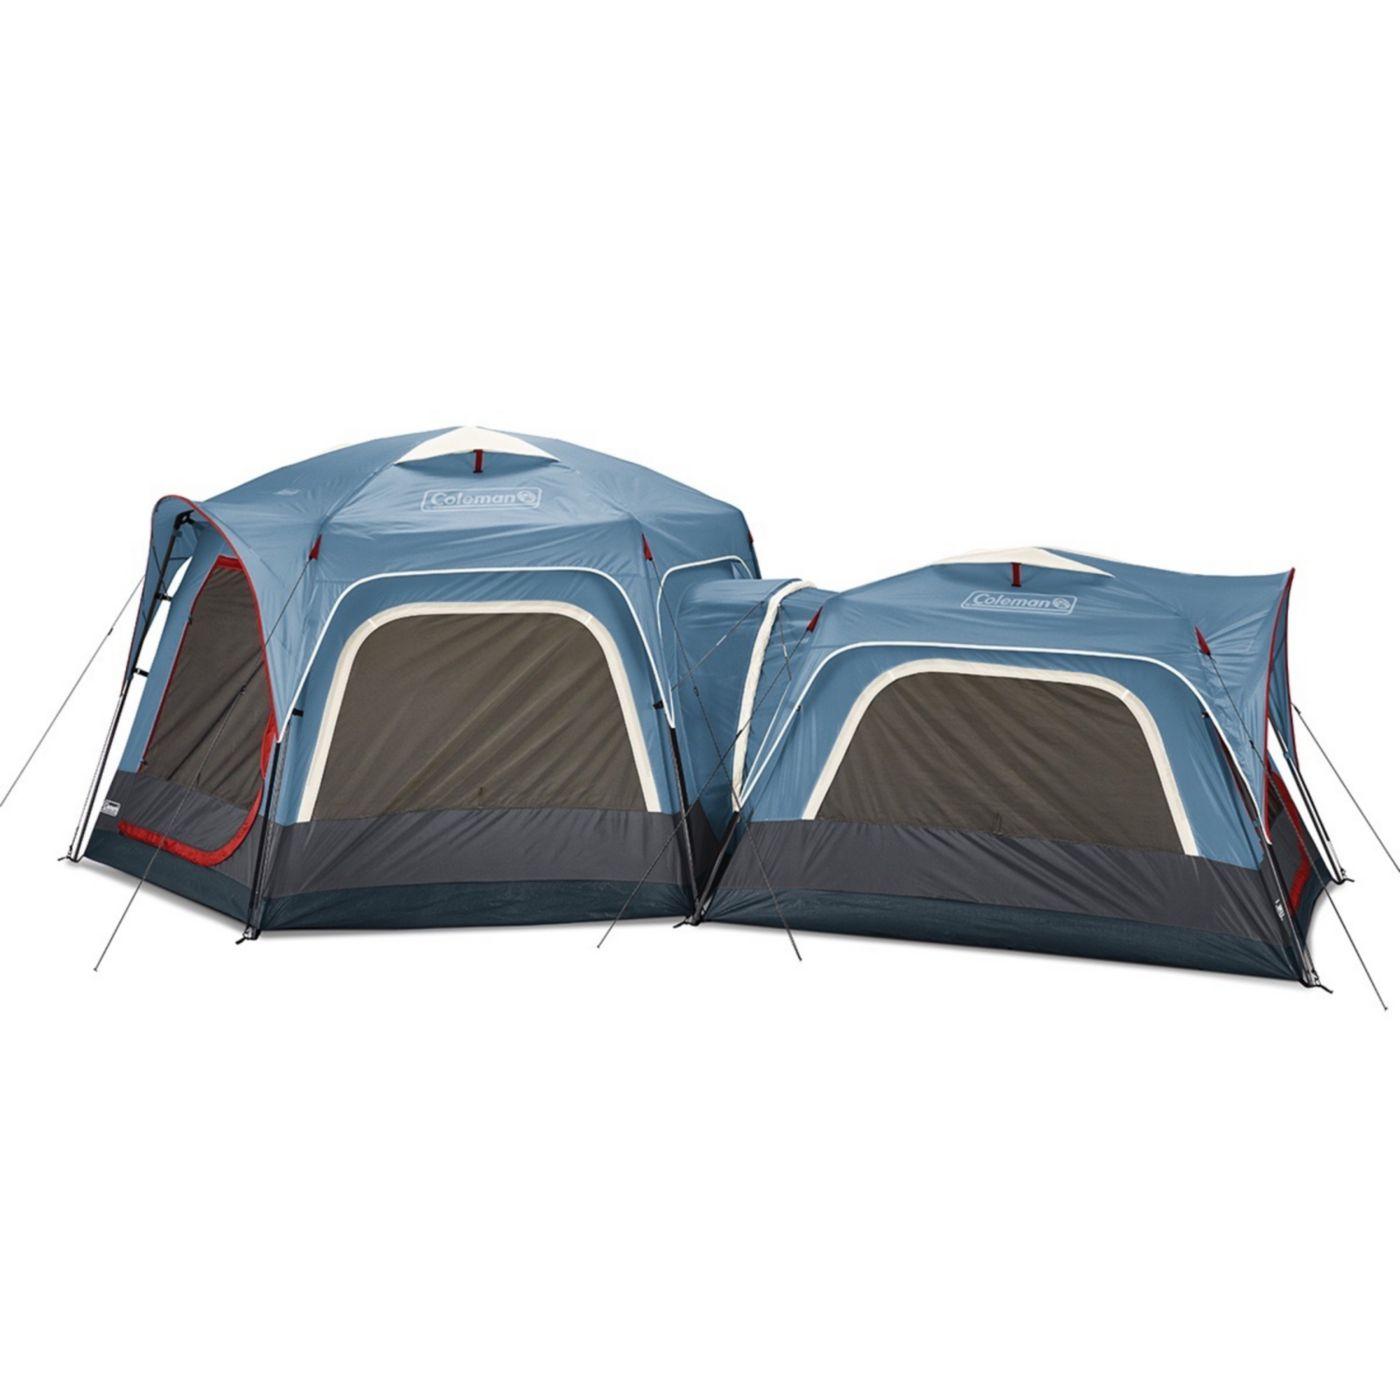 3-Person \u0026 6-Person Connectable Tent Bundle with Fast Pitch Setup Set  sc 1 st  Coleman & Coleman Tents \u0026 Shelters | Coleman